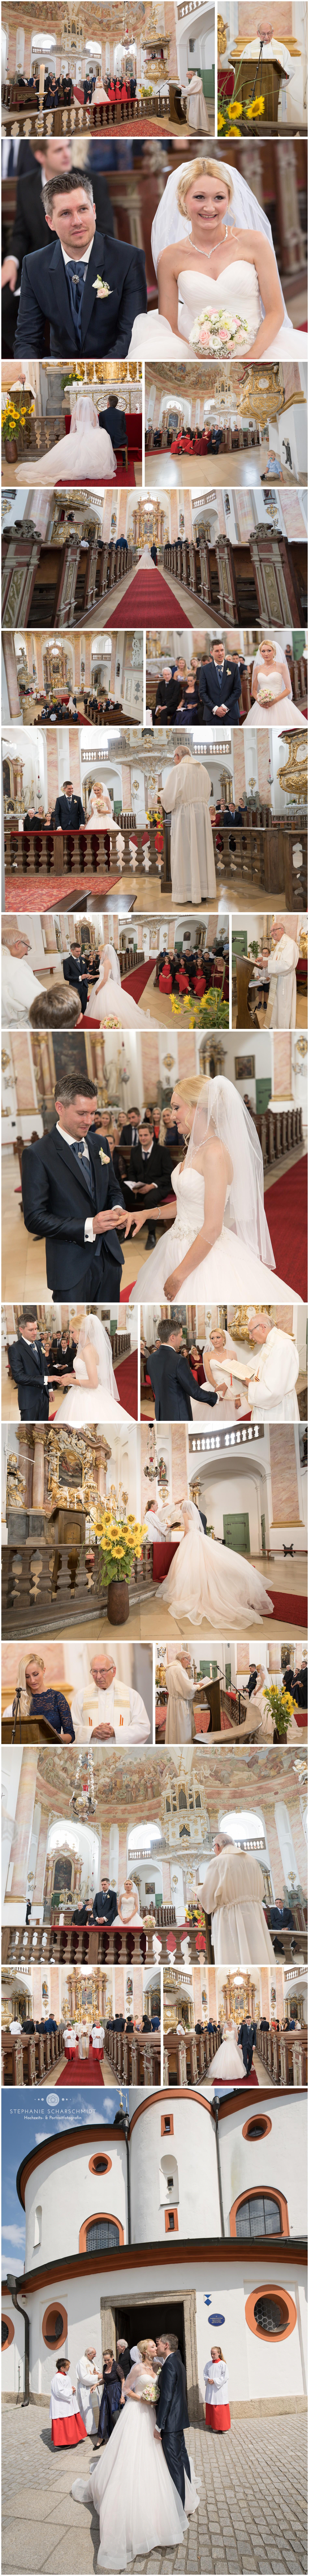 2. Hochzeit Dreifaltigkeitskirche Kappl - Hochzeitsfotograf Stephanie Scharschmidt